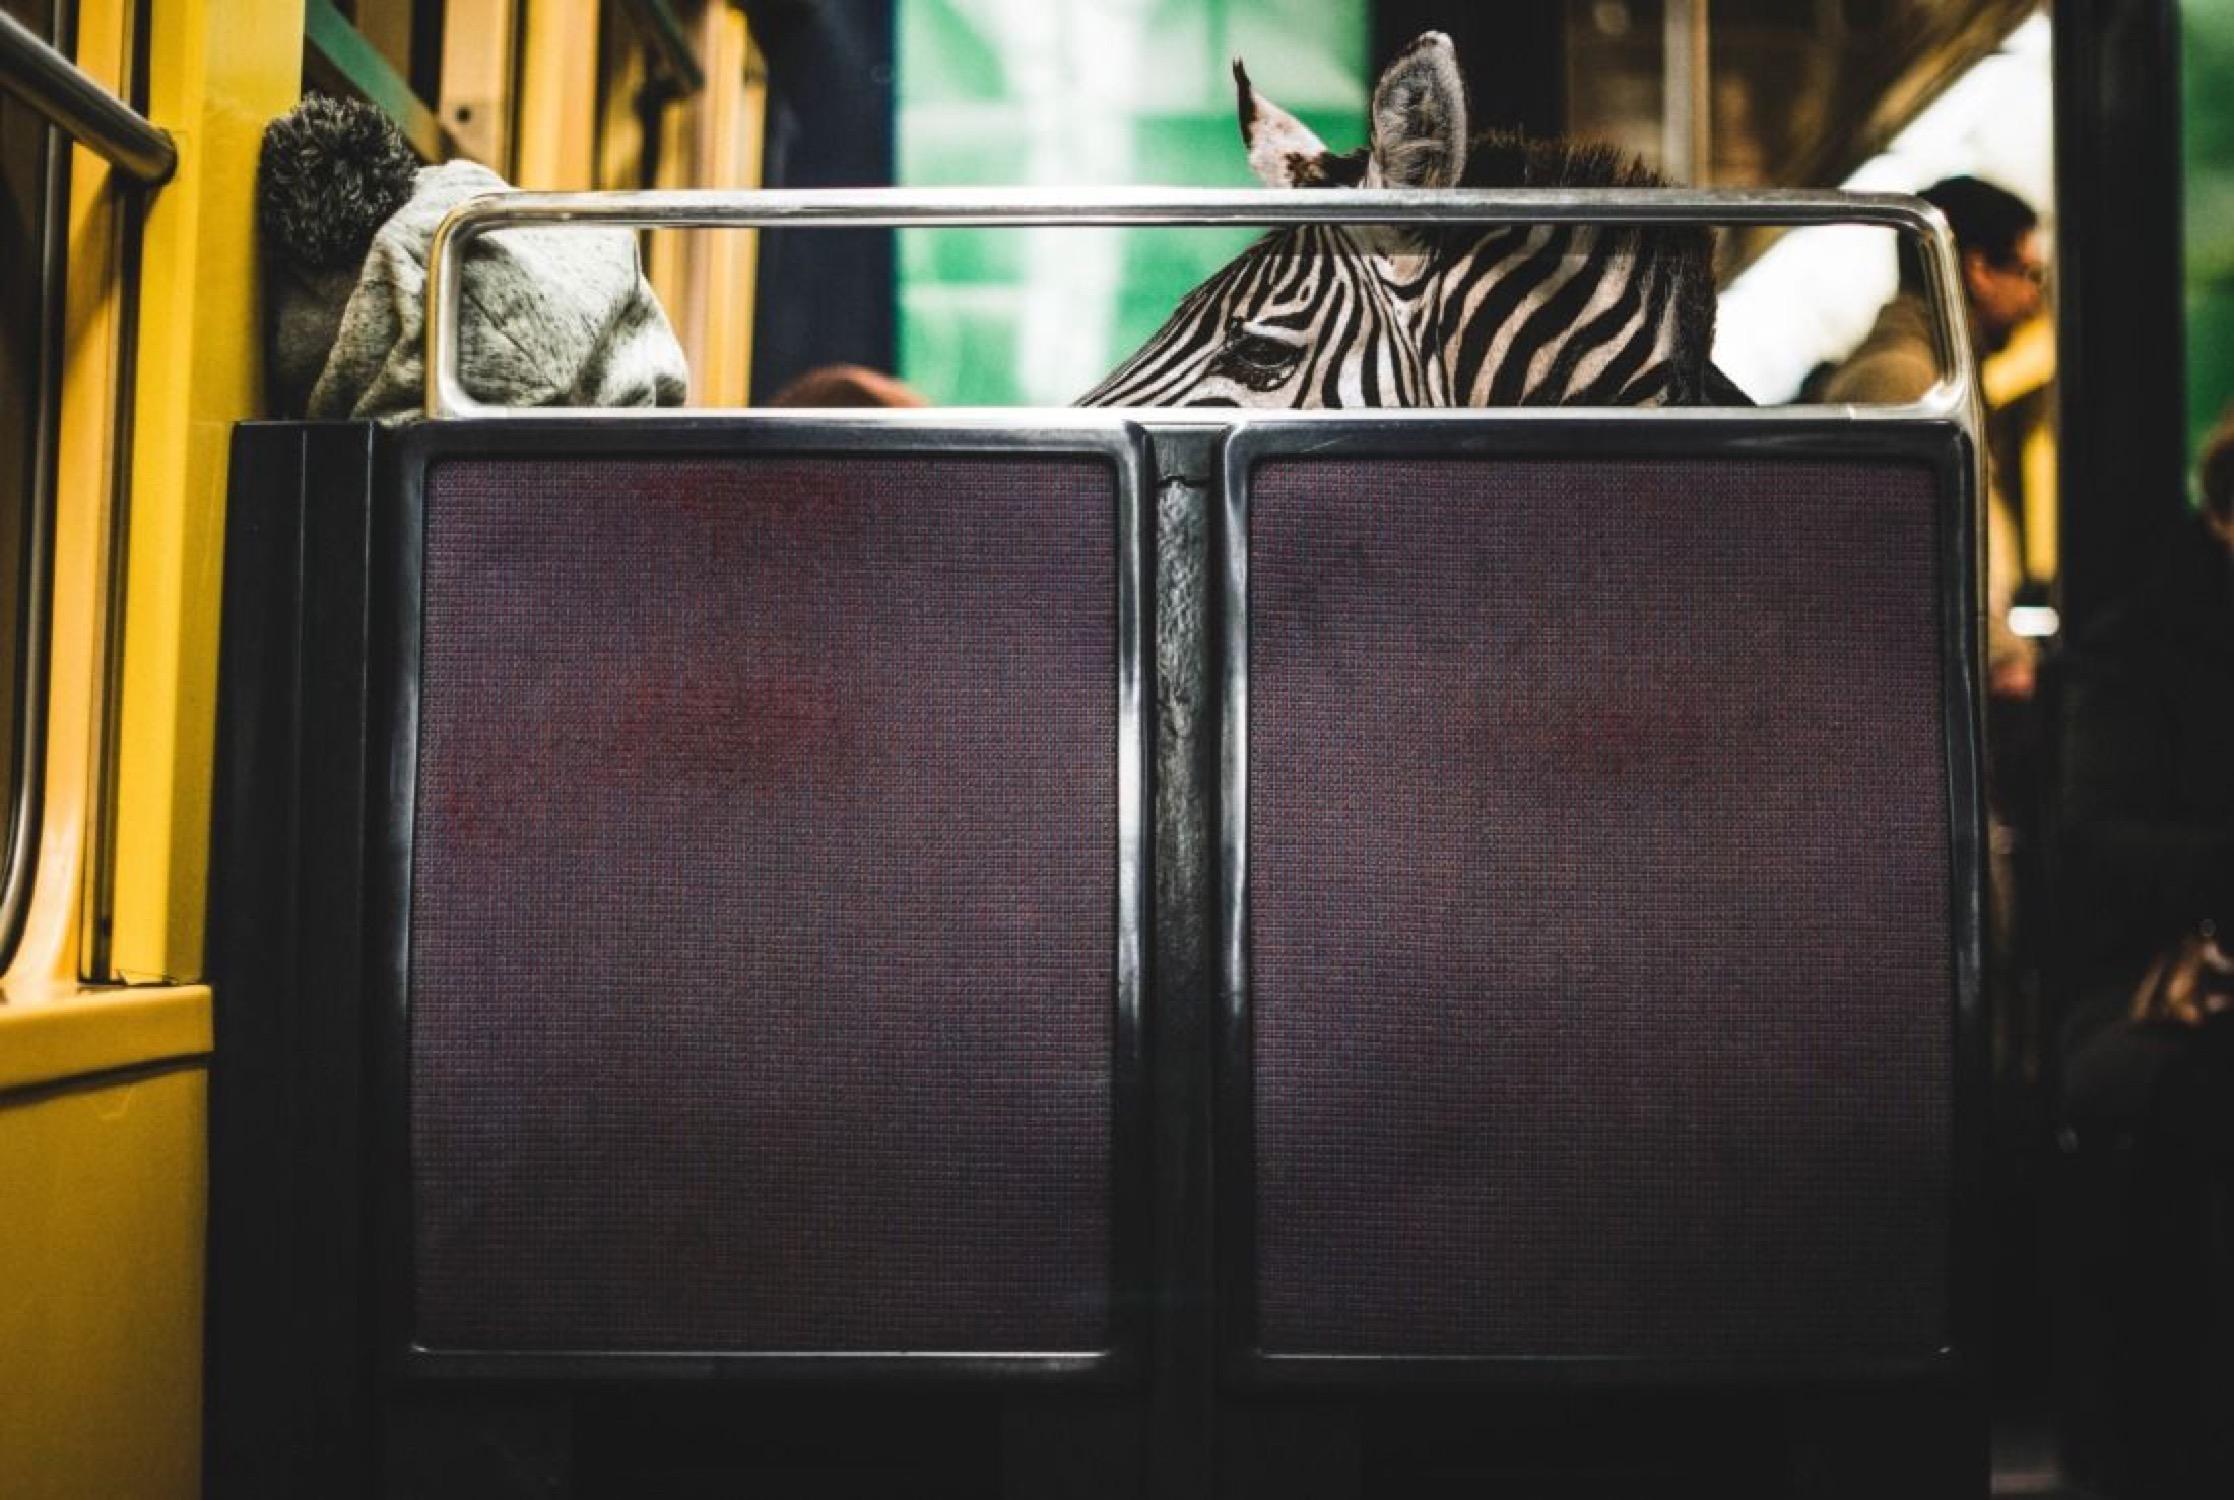 RER ZÉBRÉ - Photo de Mathieu Alemany 90x60 cm